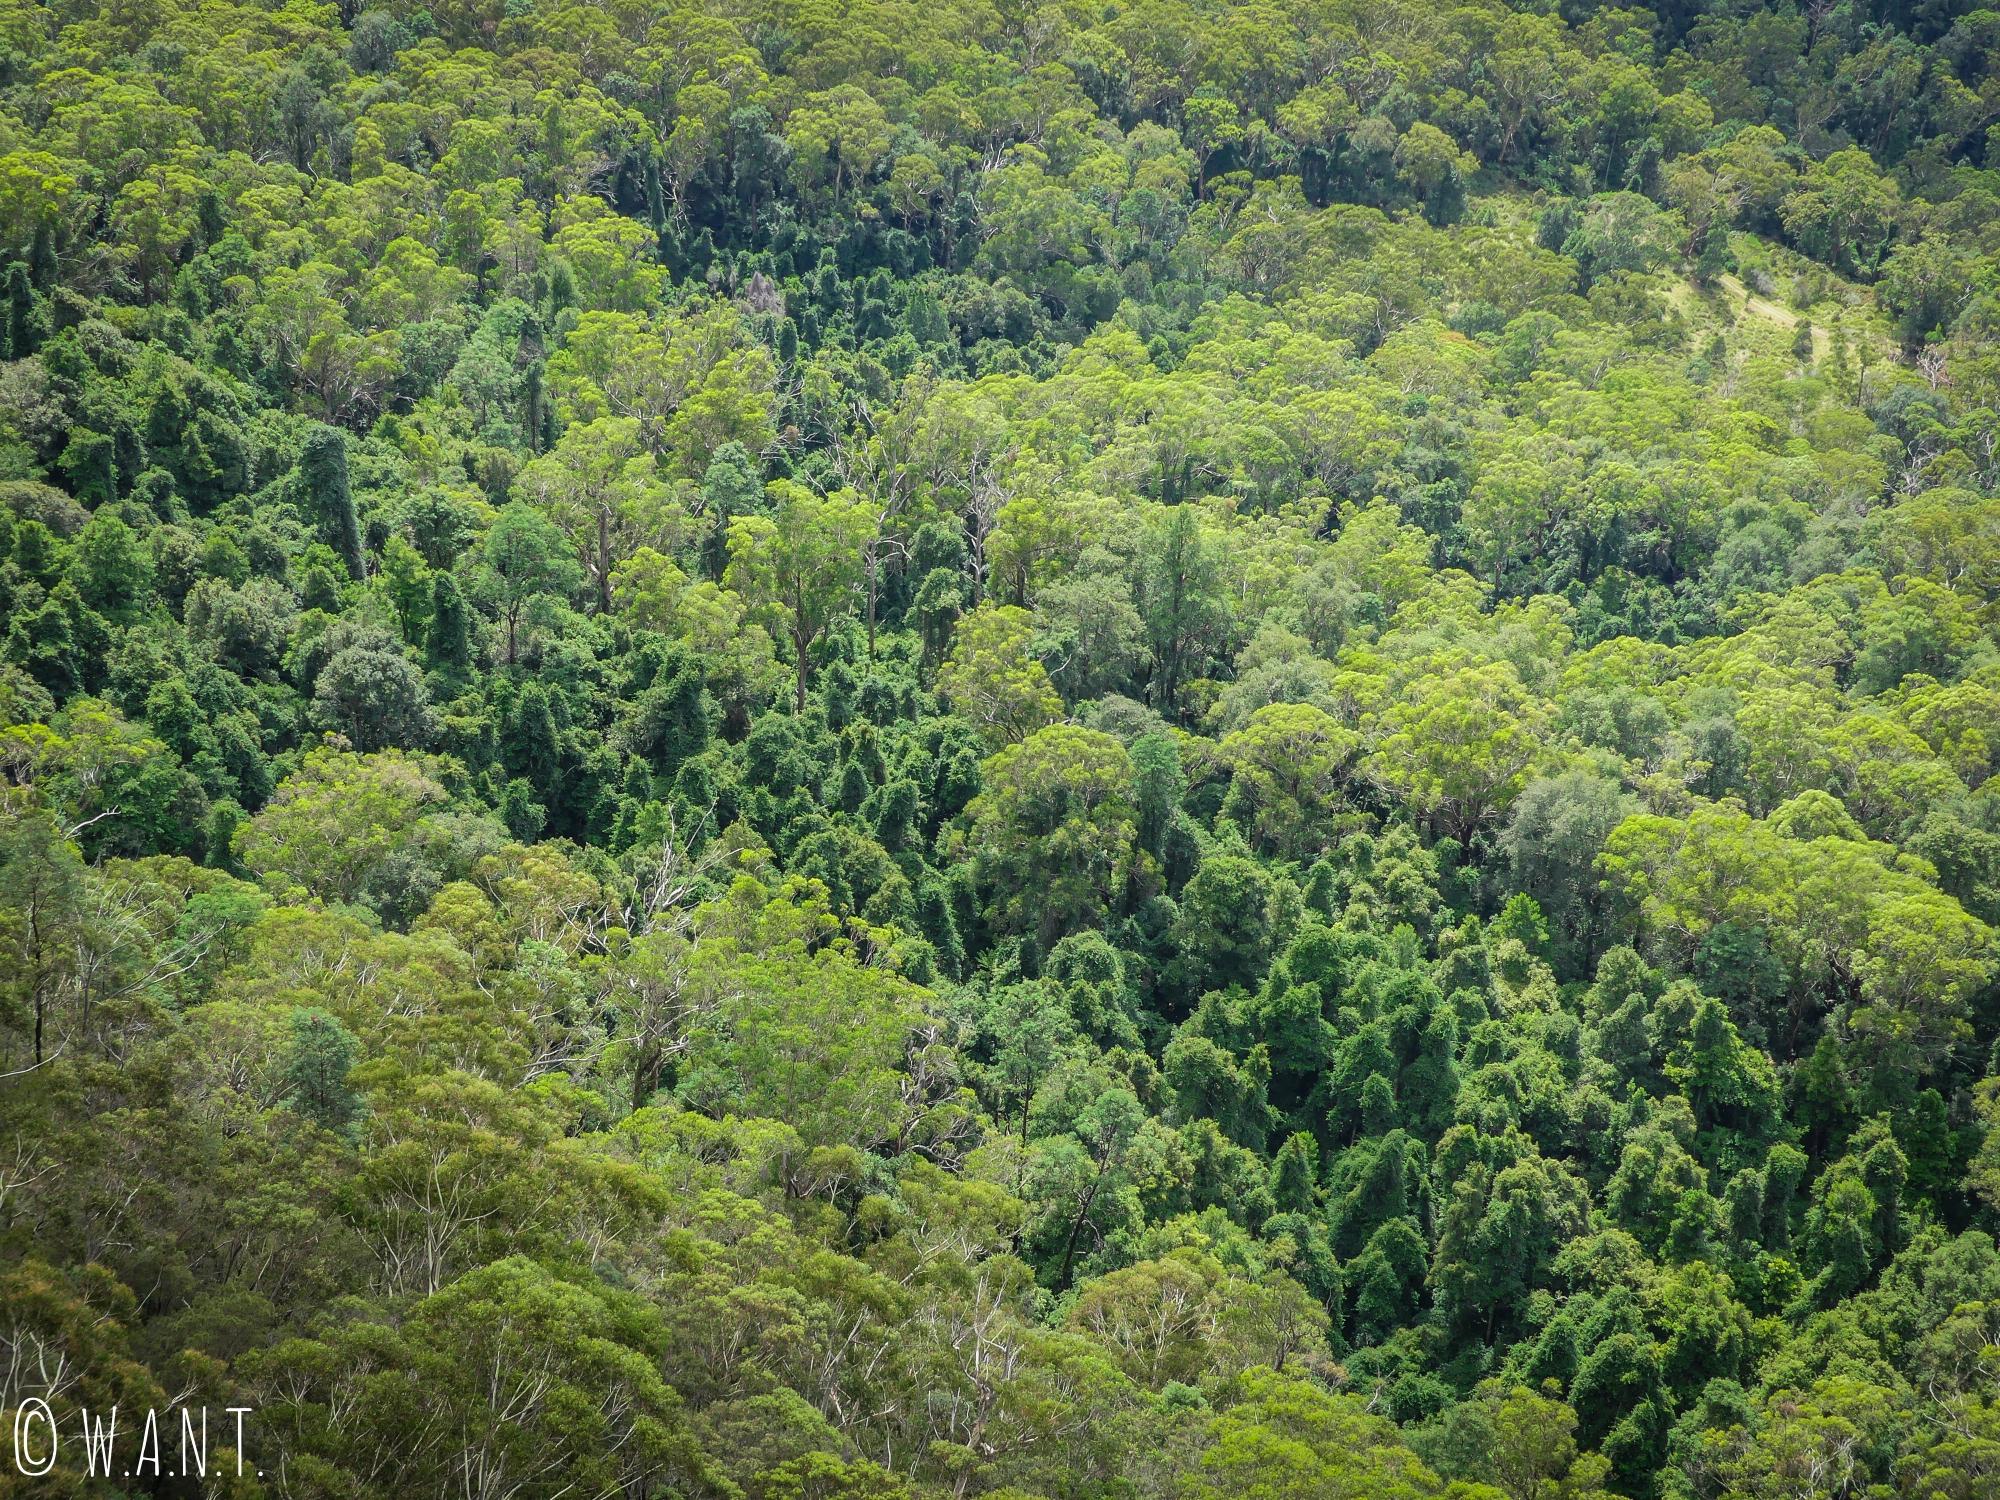 Forêts d'eucalyptus à perte de vue dans le parc national des Blue Mountains